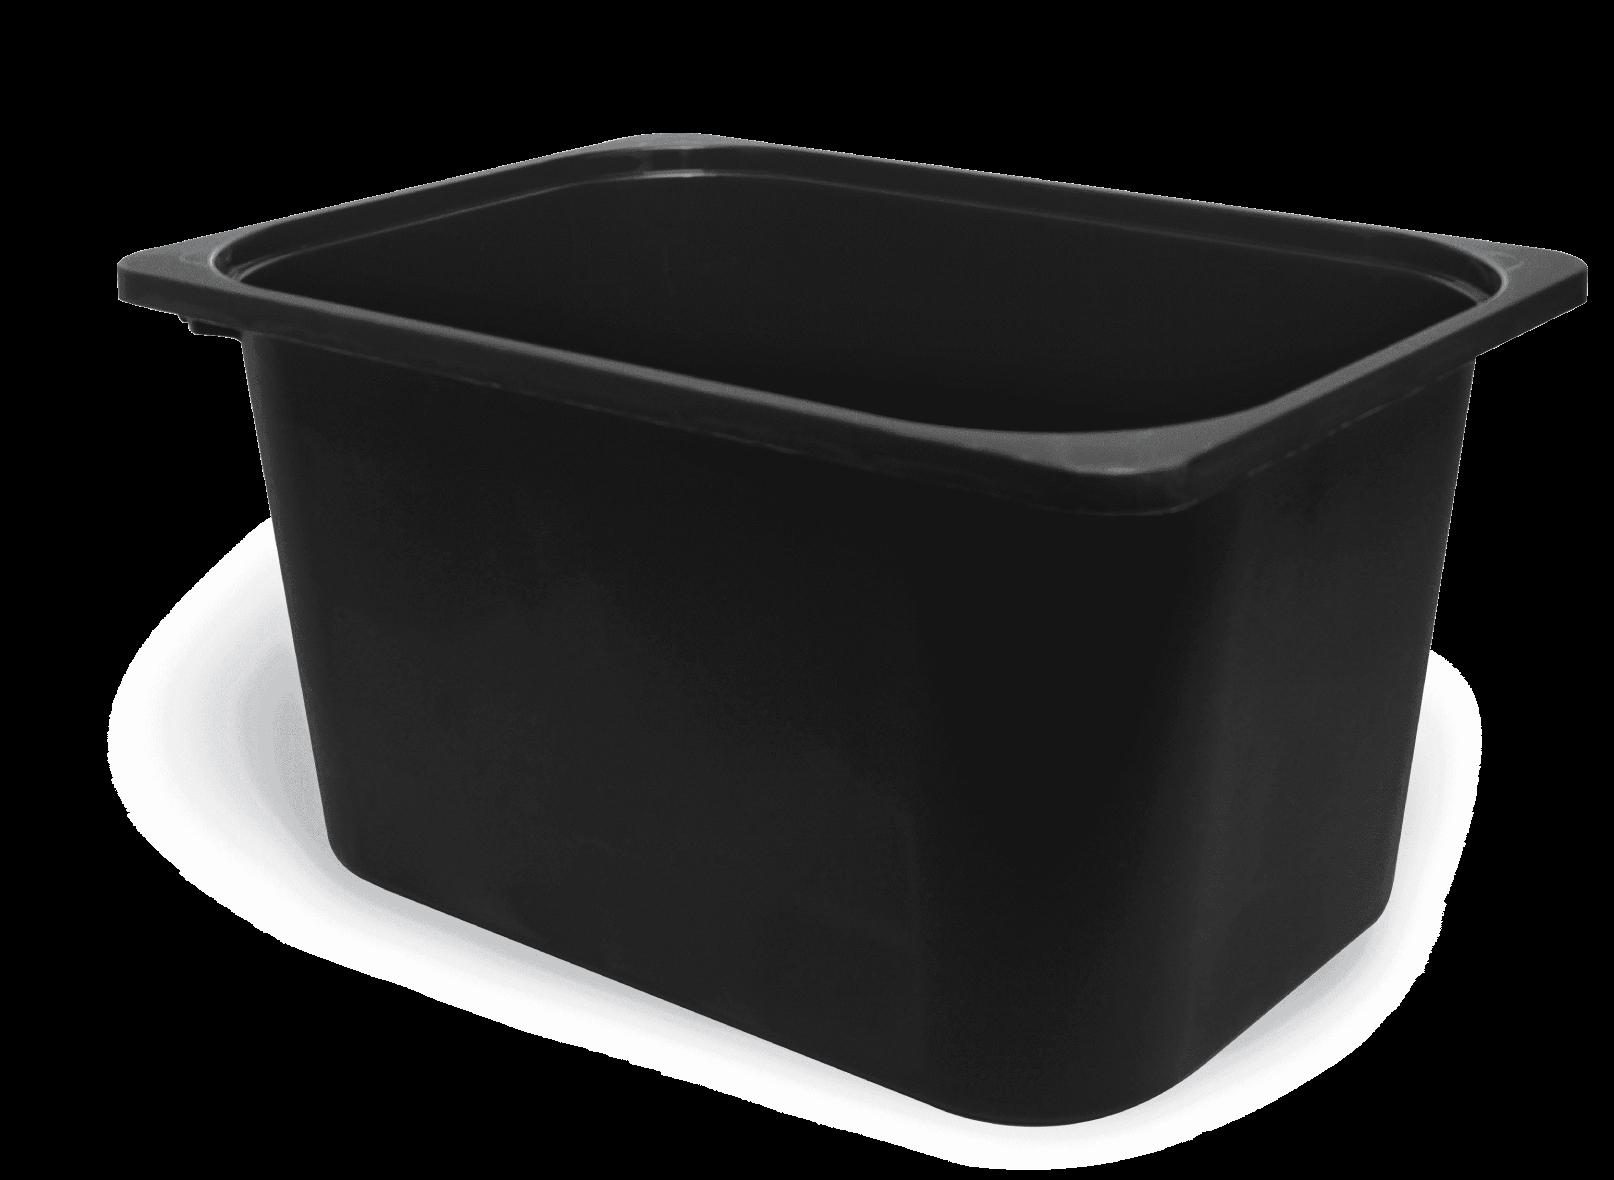 Saklama Kutusu Siyah 42x30x23